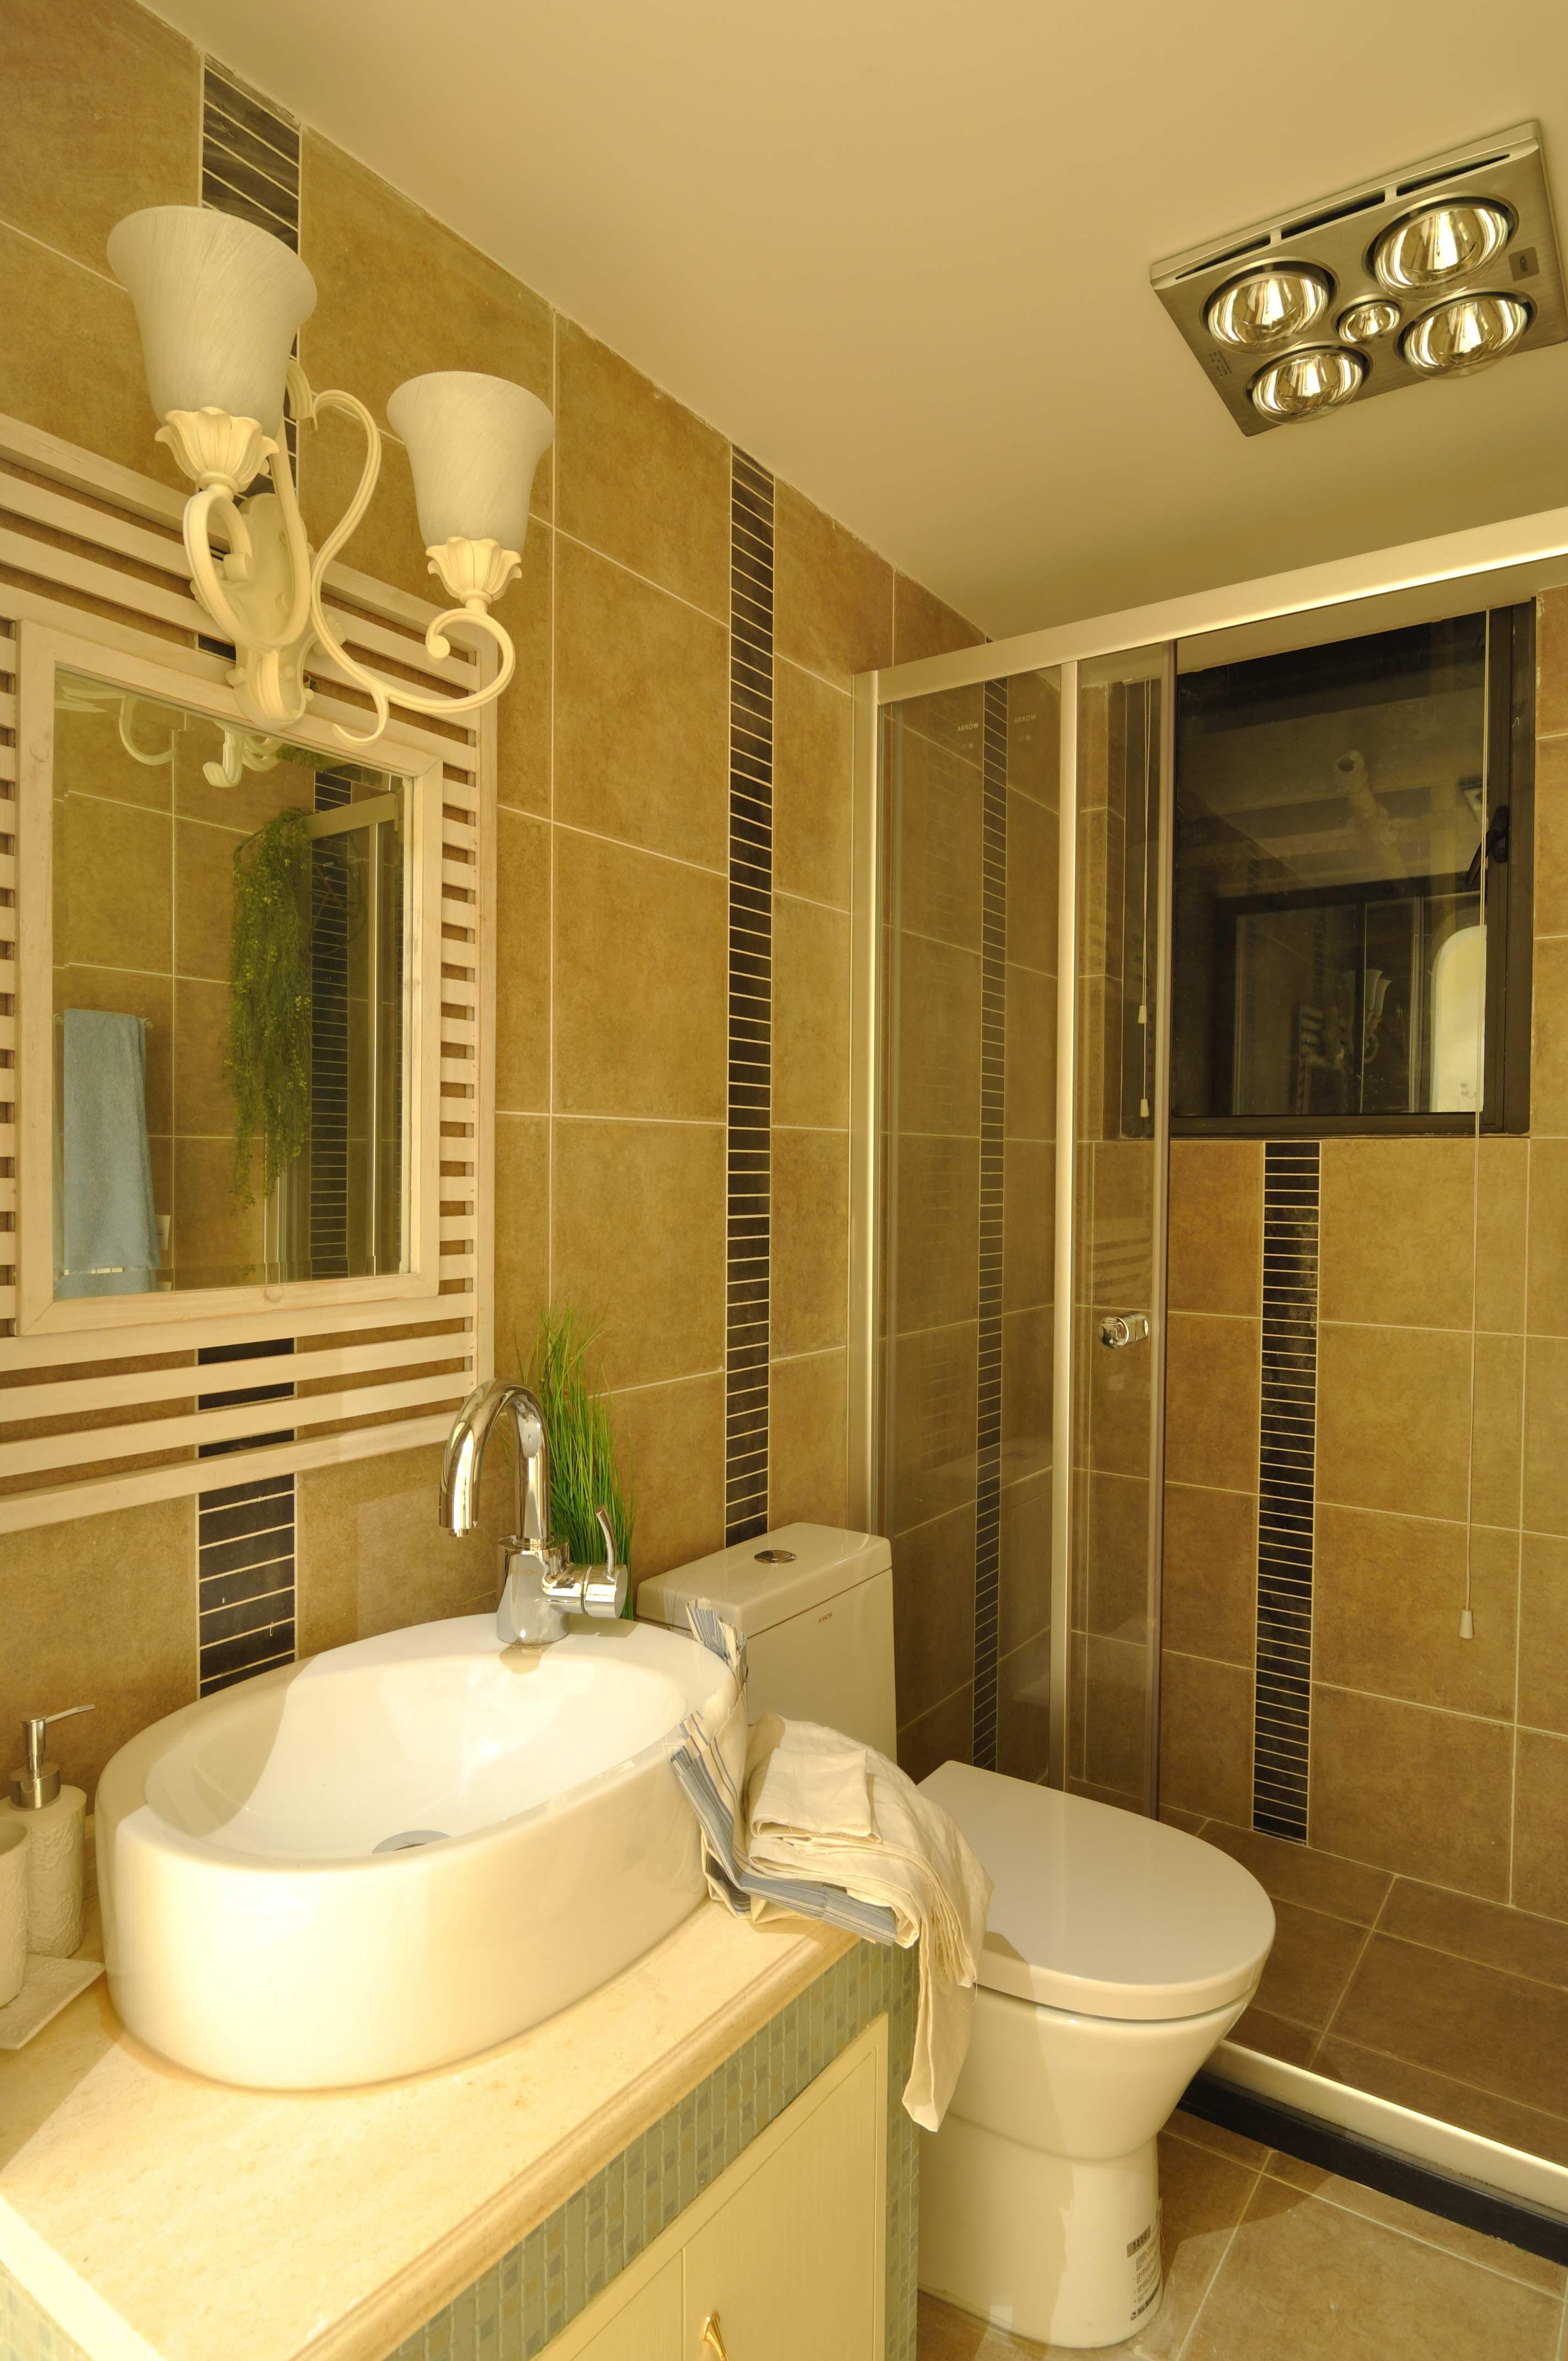 卧室 客厅 餐厅 卫生间 二居 地中海 天下锦城 温馨 卫生间图片来自合肥生活家在天下锦城的分享